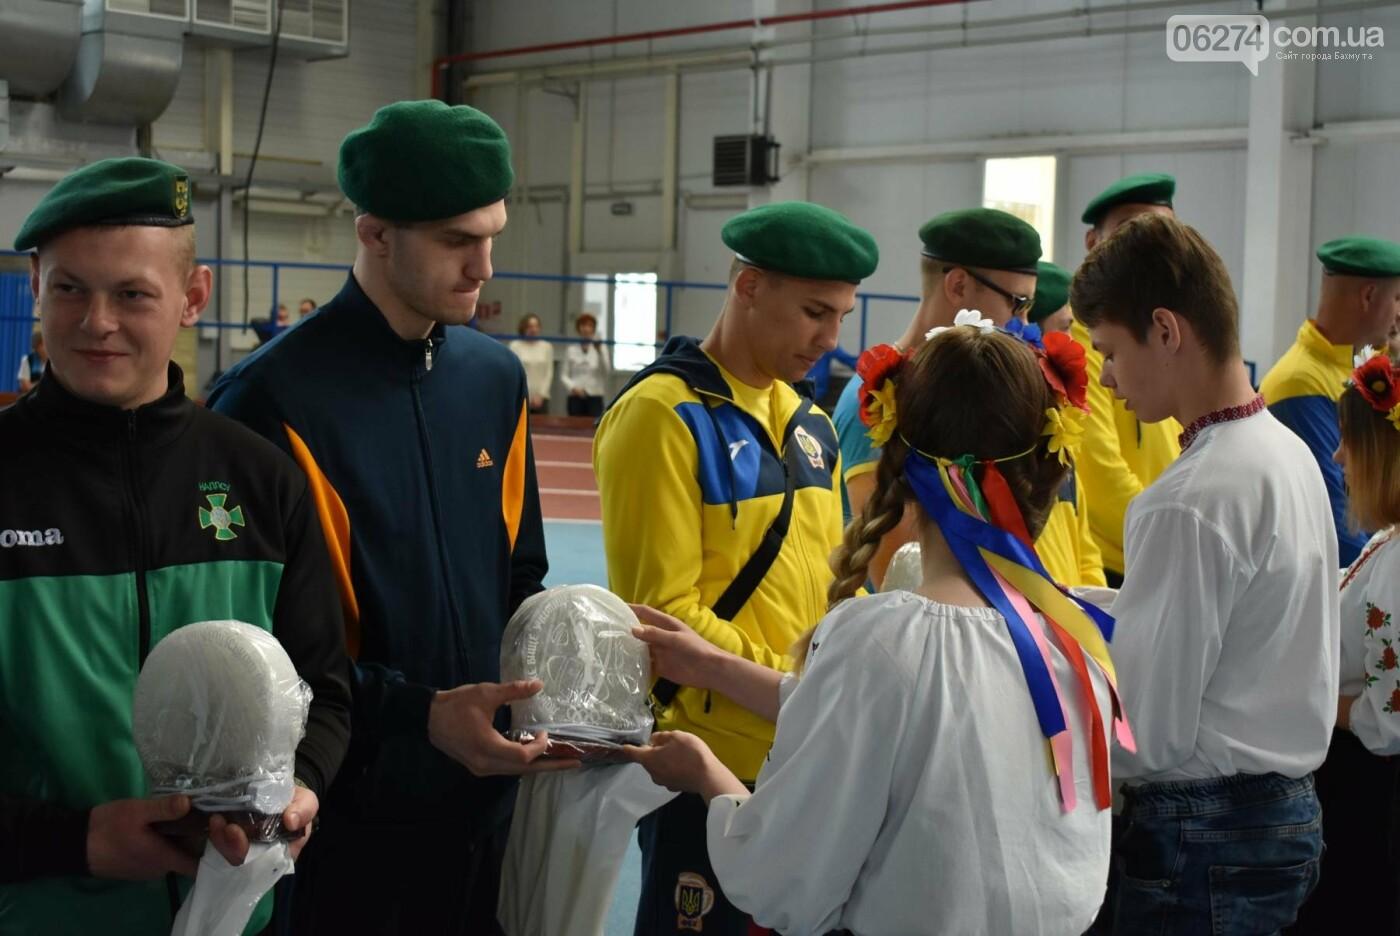 В Бахмуте презентовали спортсменов-олимпийцев Государственной пограничной службы Украины, фото-15